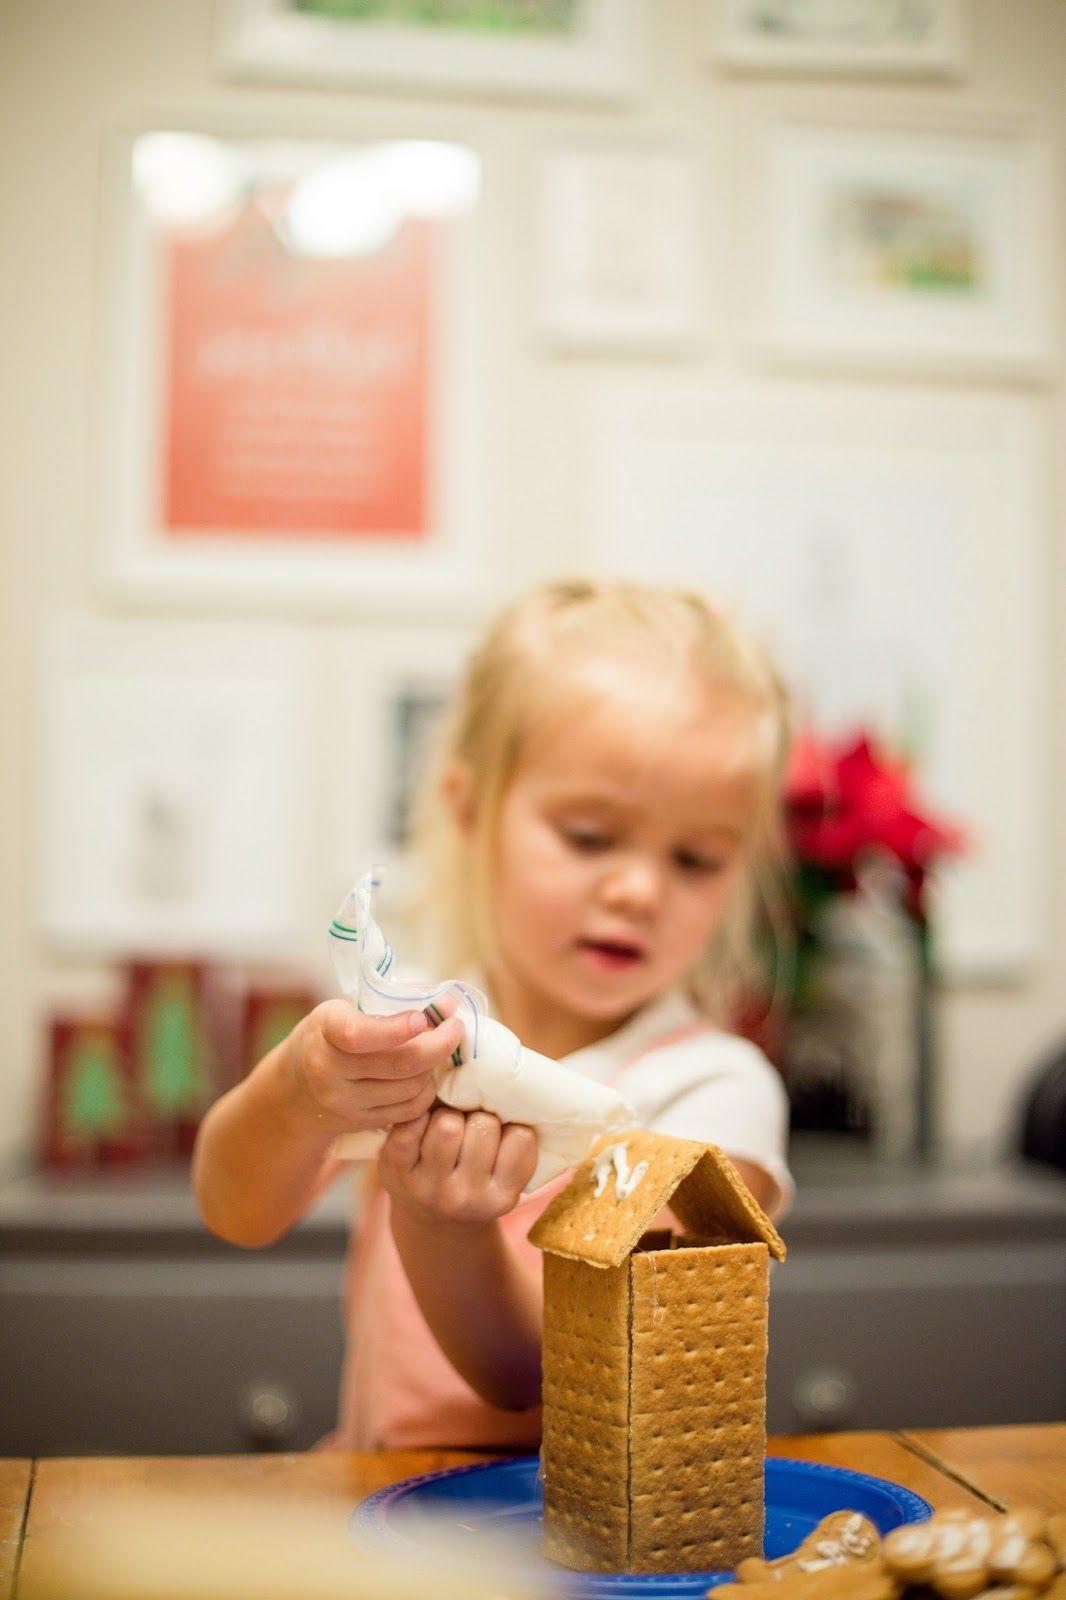 Christmas bucket list - Graham cracker houses! #JOHNSONS #littlewonders #ad